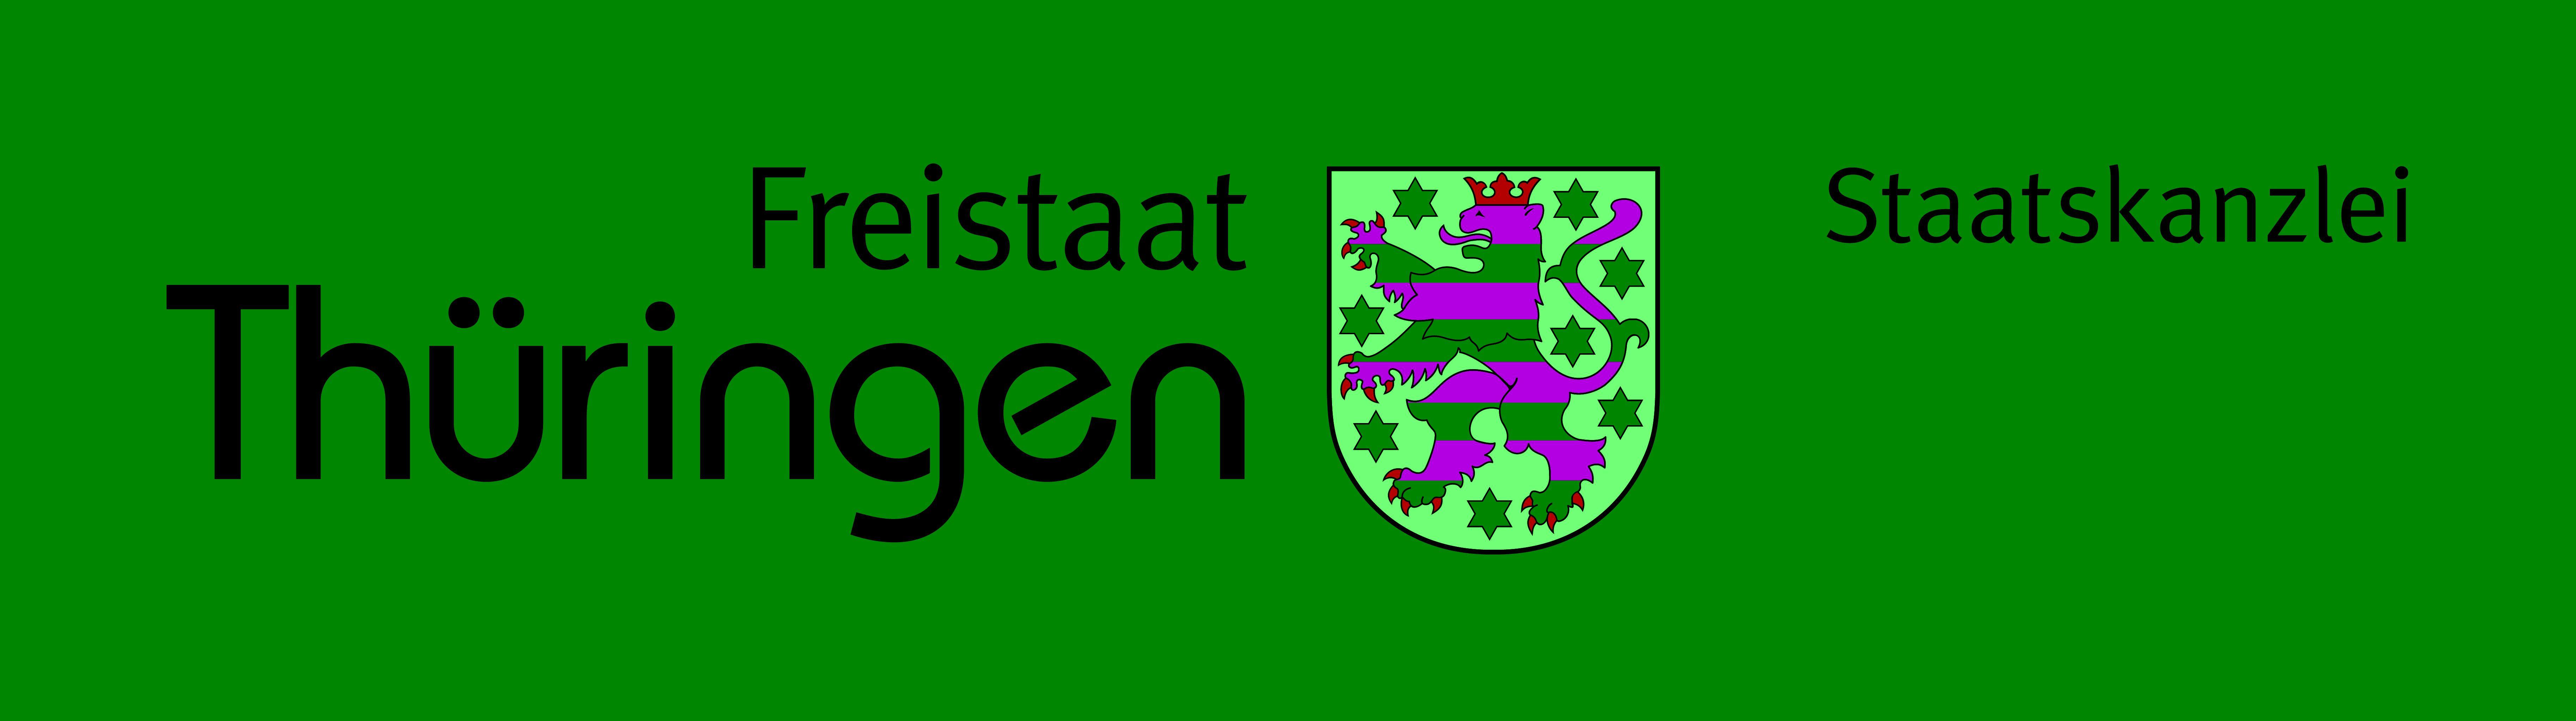 Freistaat Thüringen